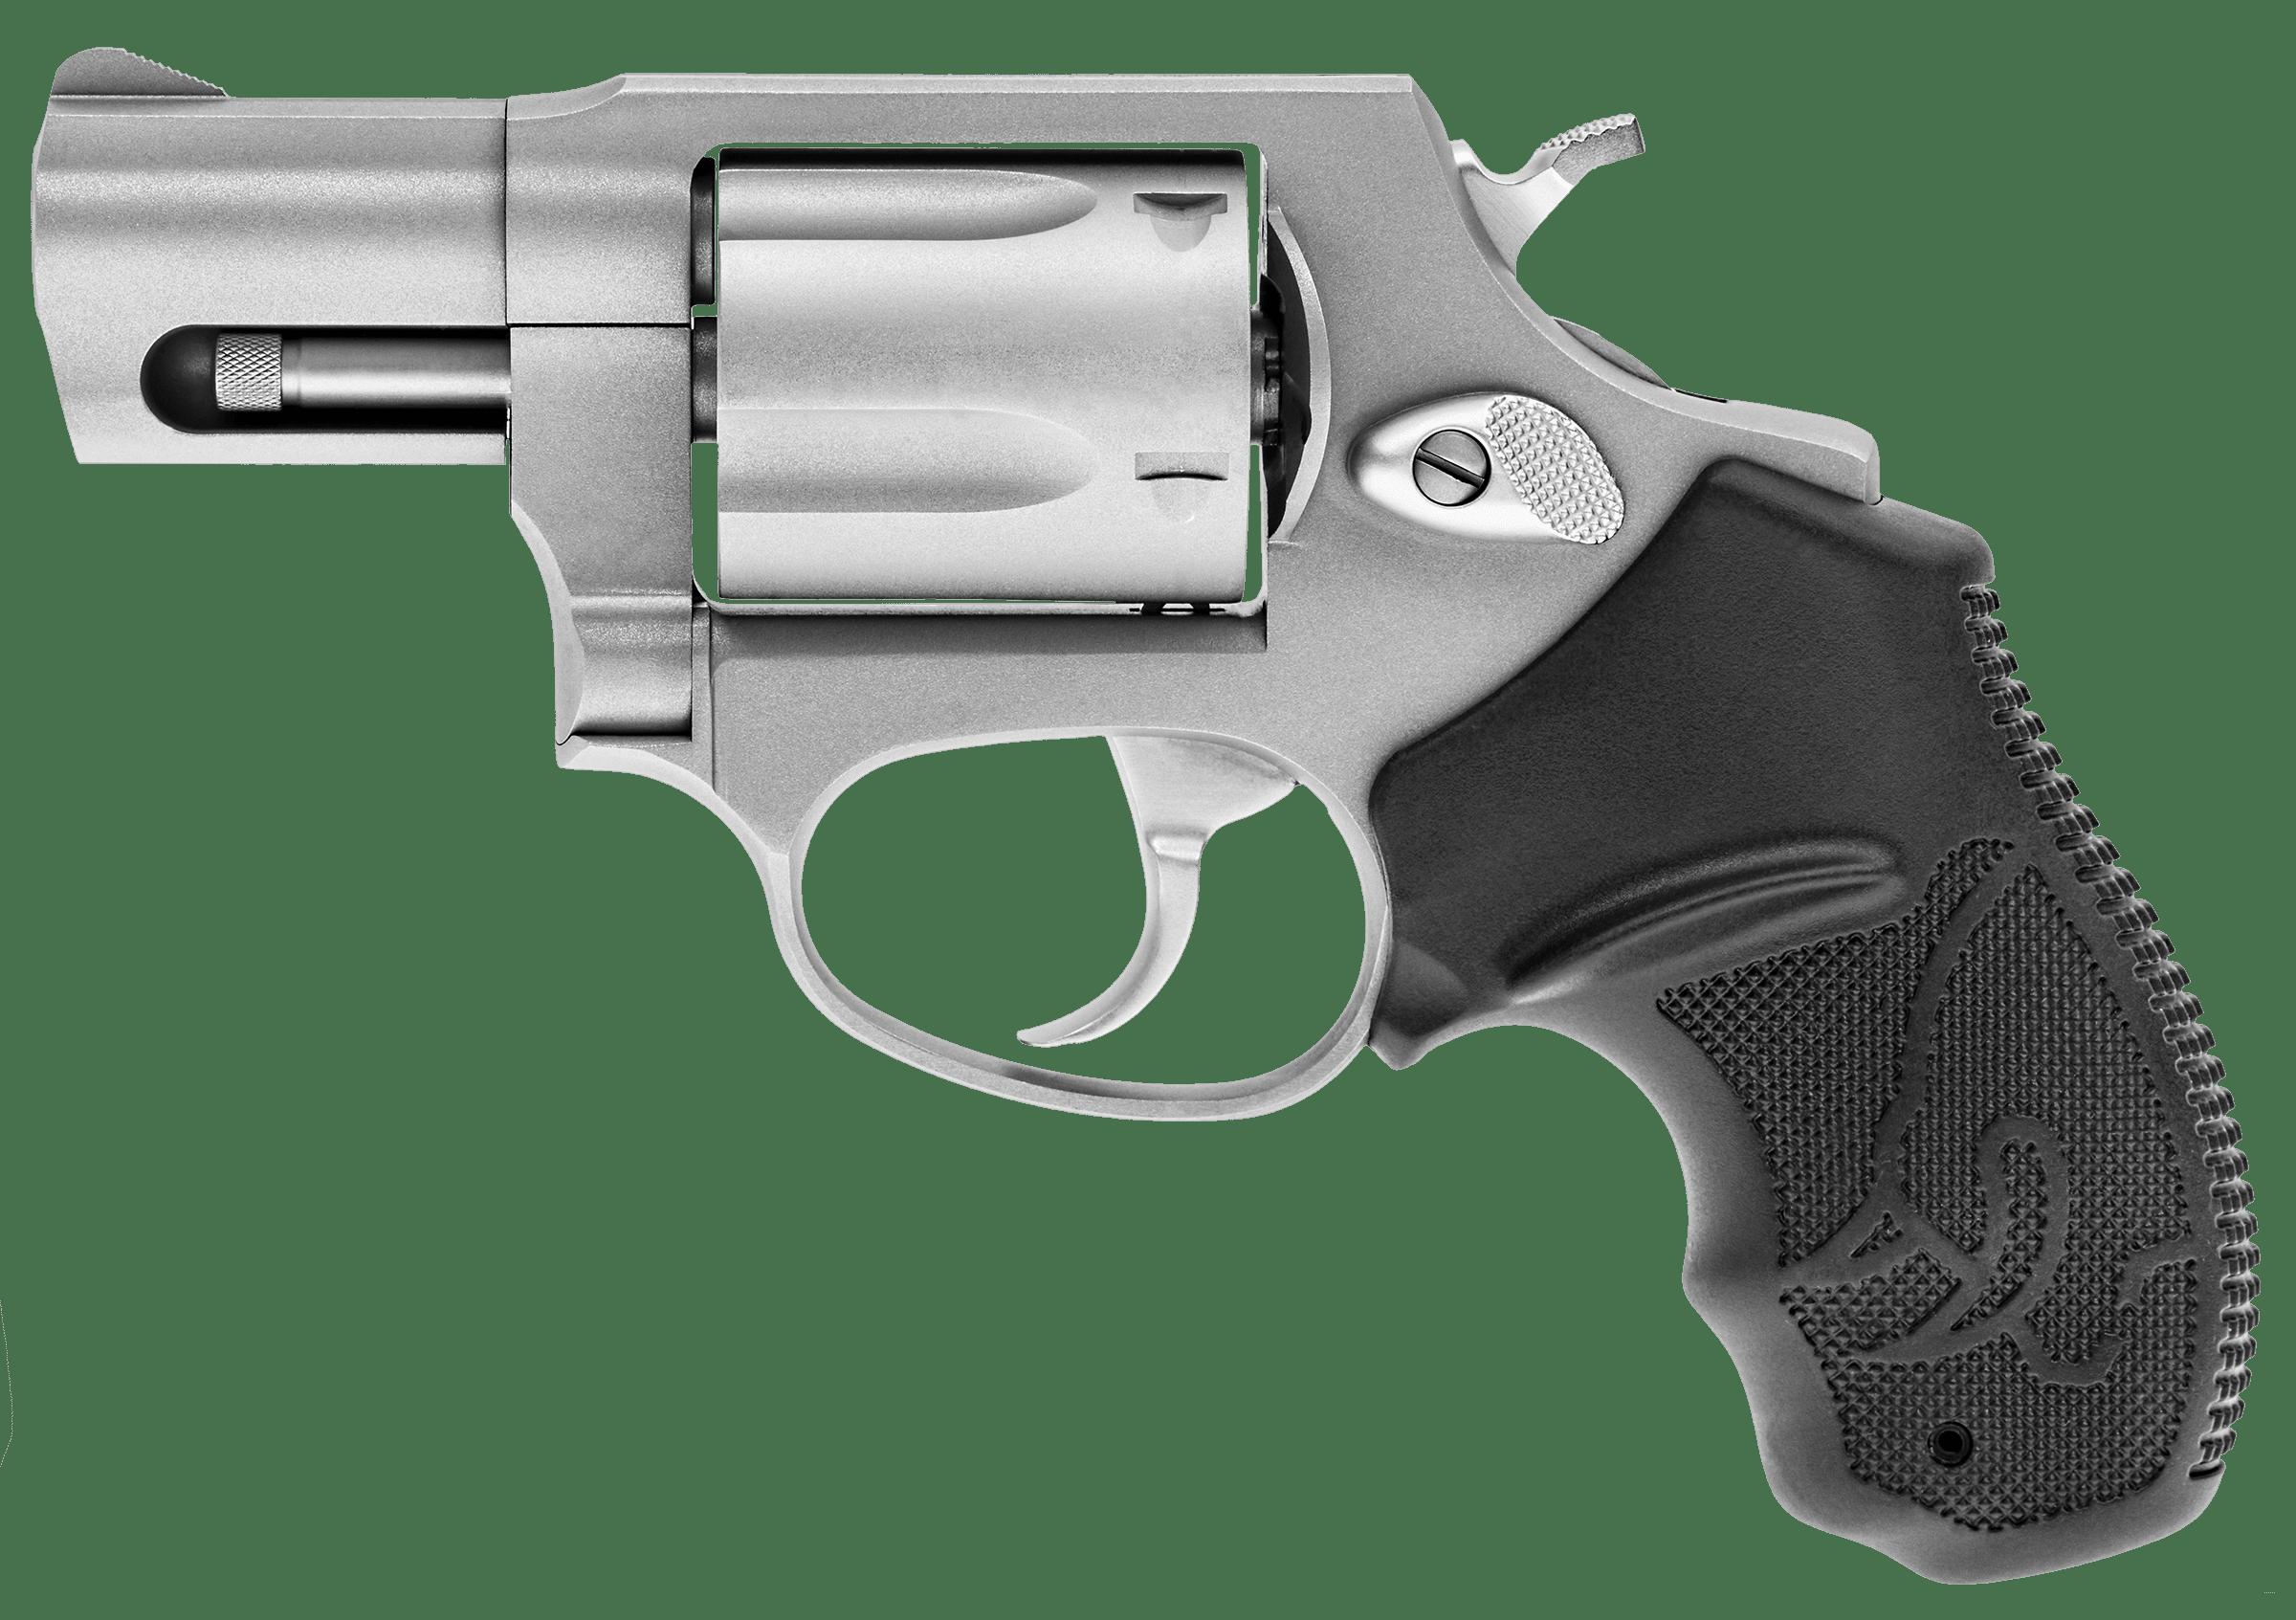 Taurus 605 357 Magnum | 38 Special